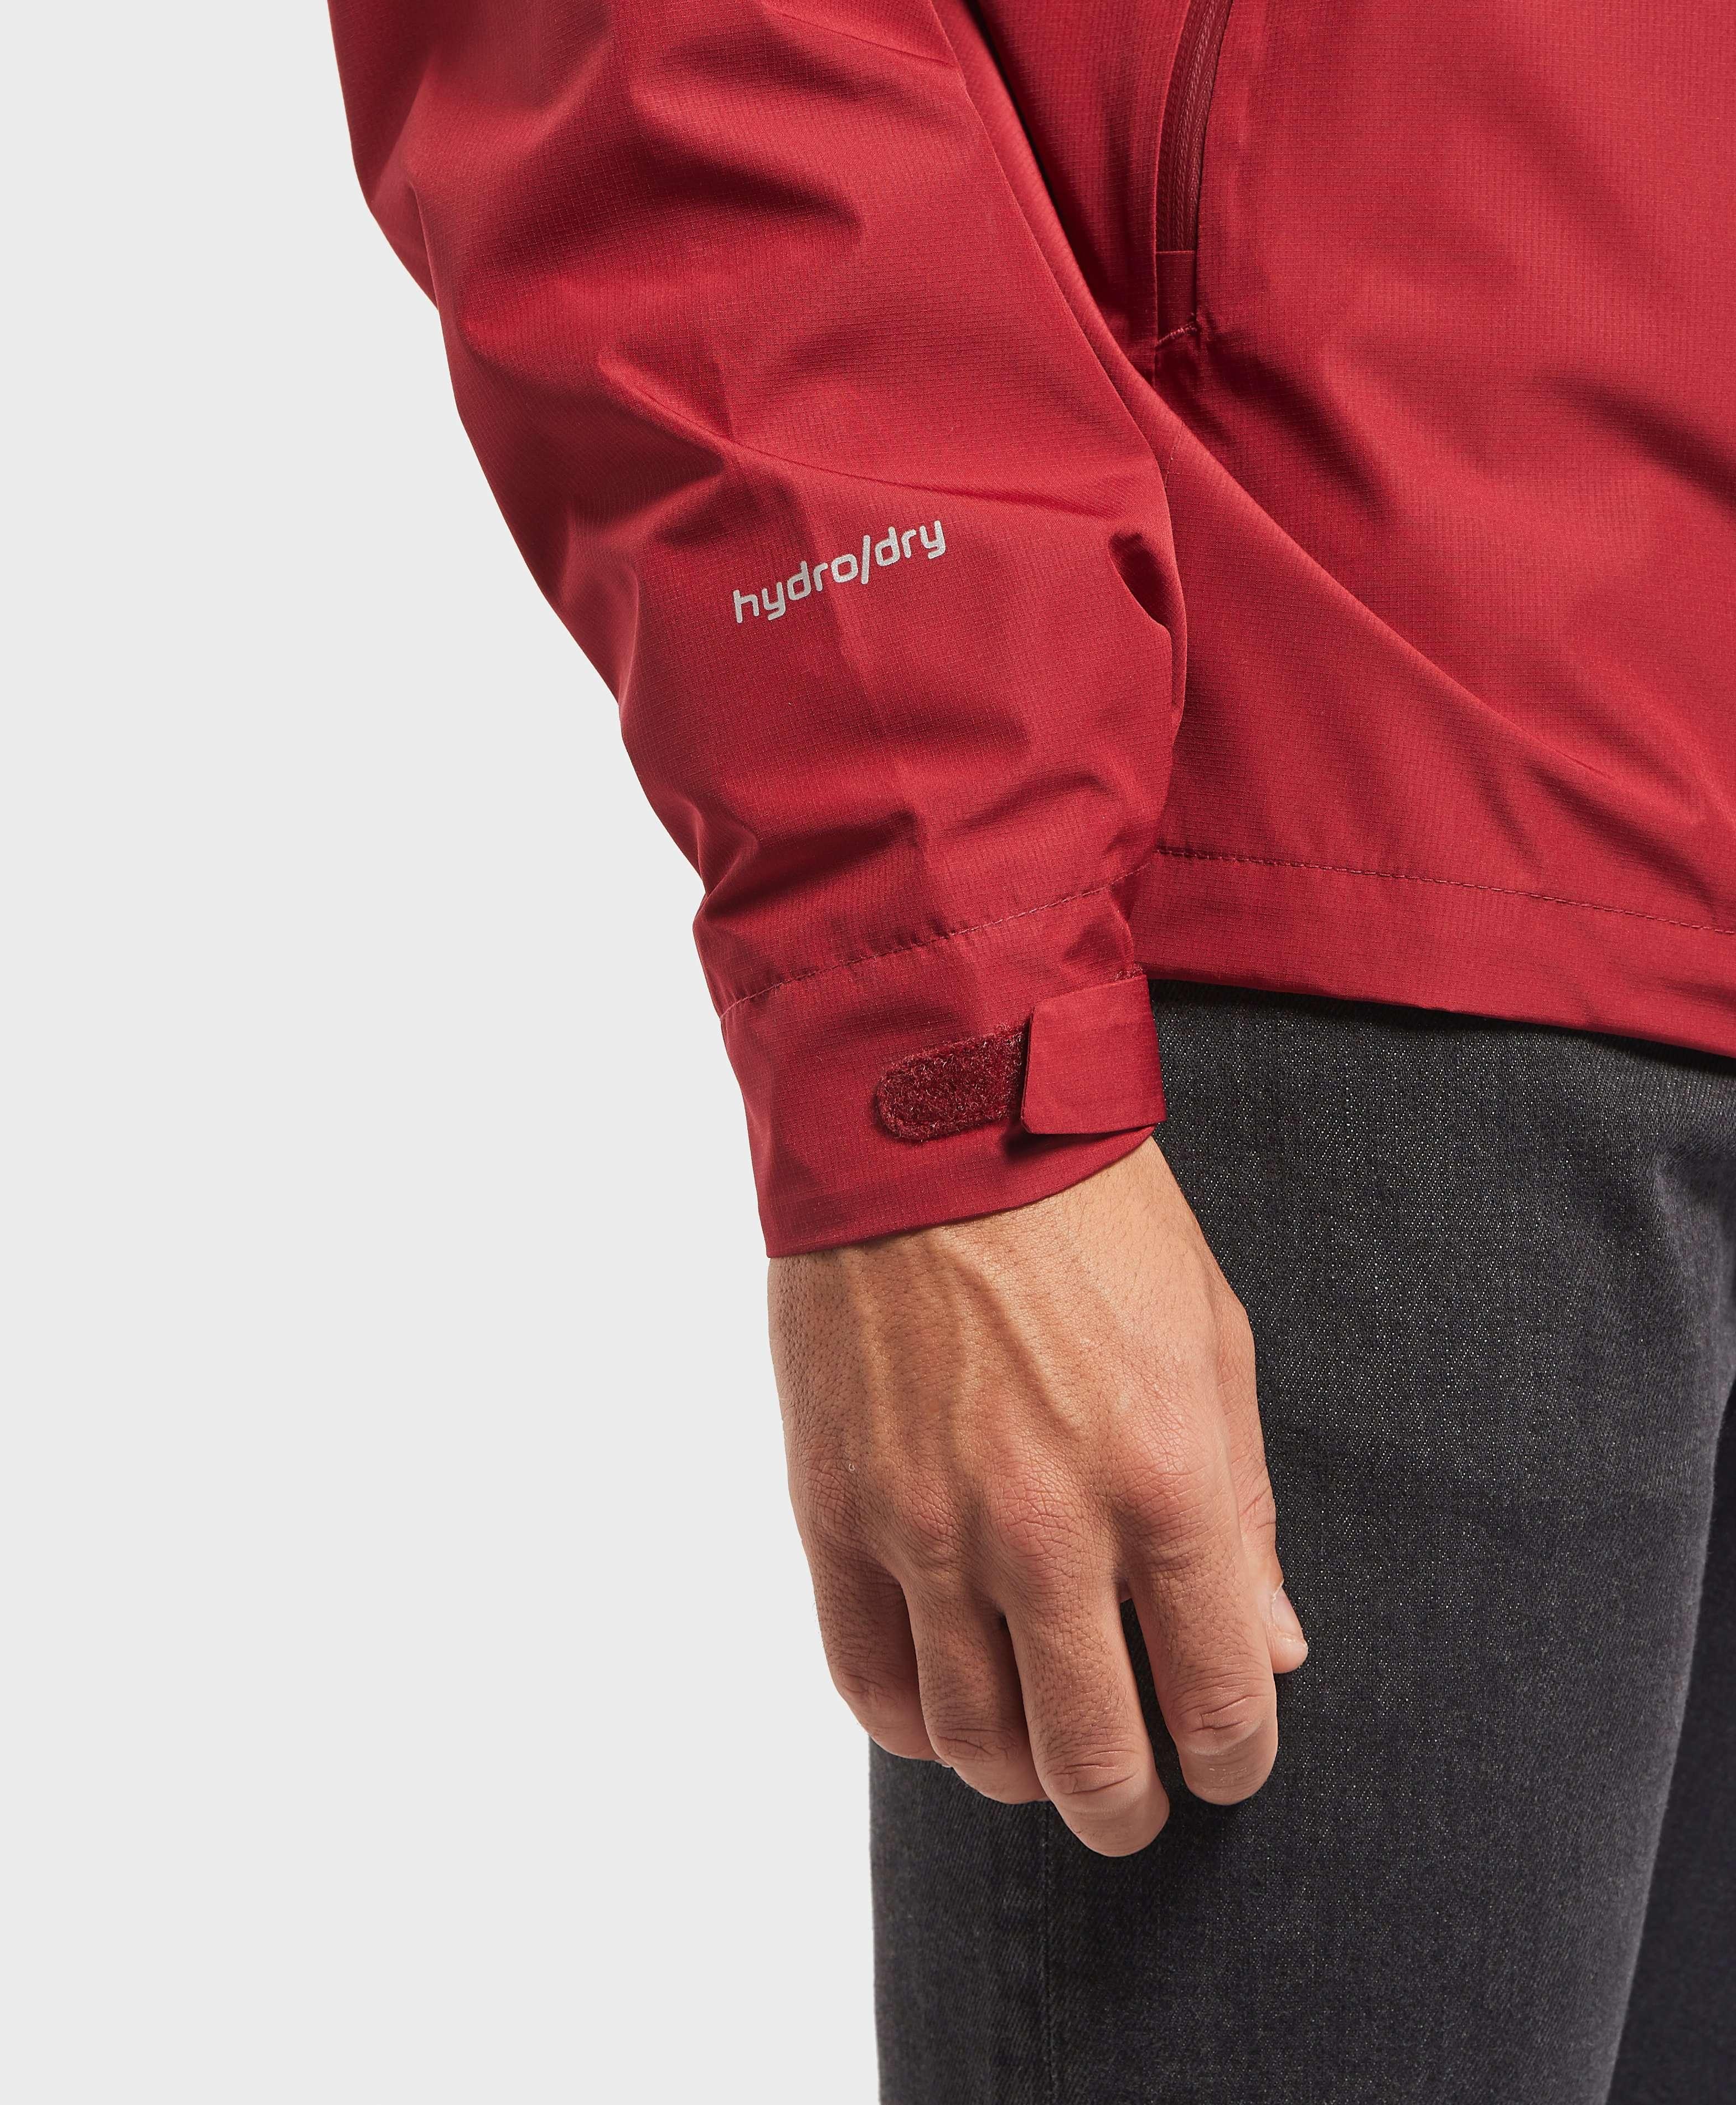 Sprayway Taku 2 Layer HydroDRY® Jacket